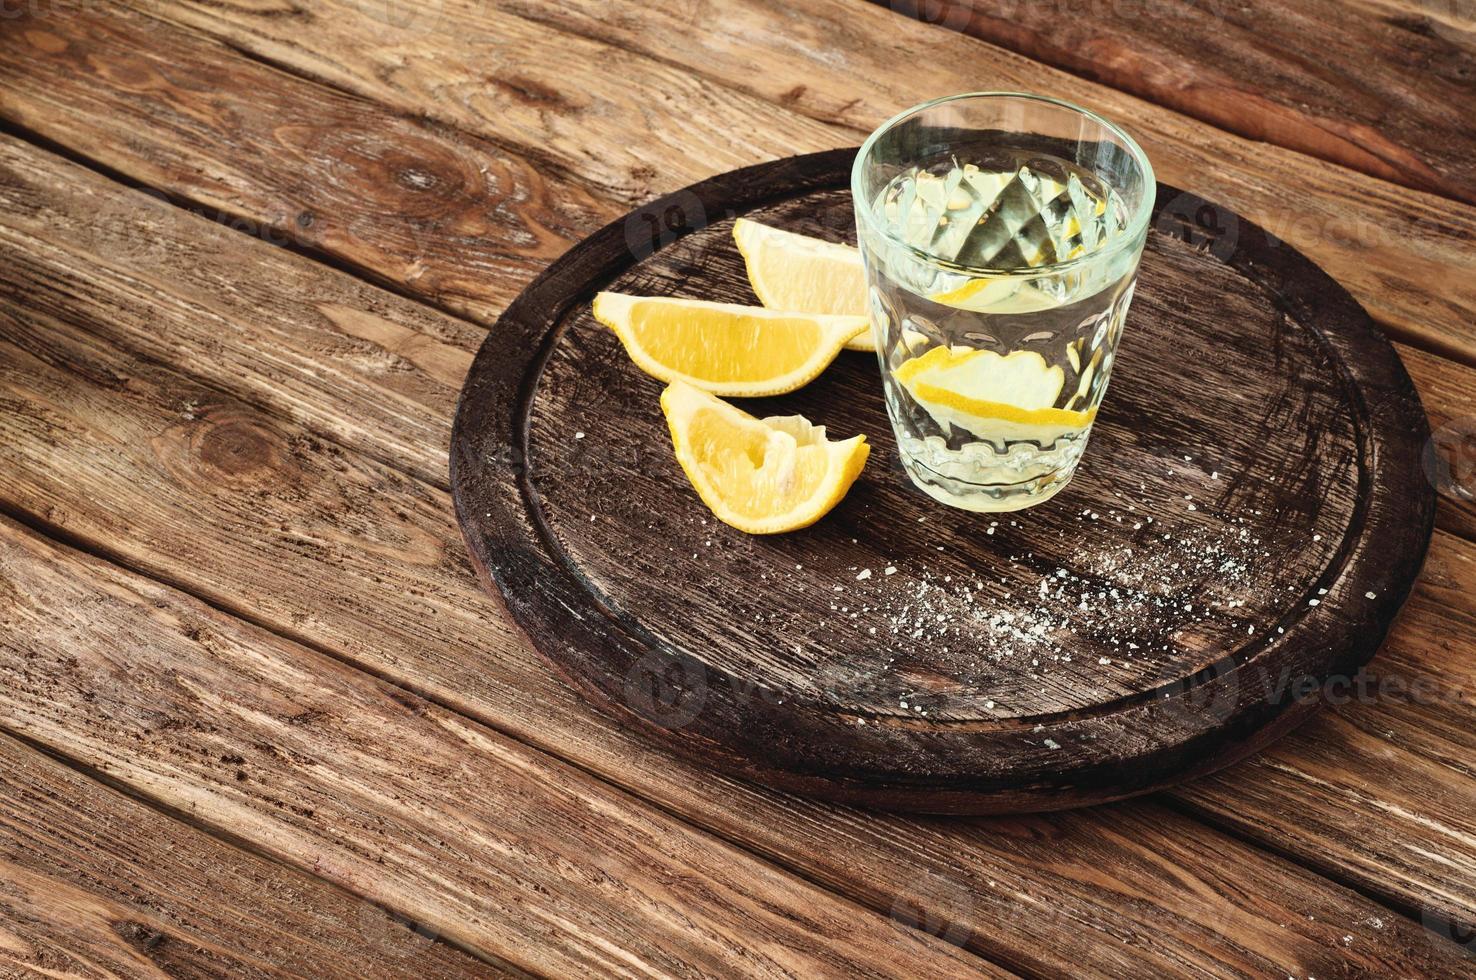 bicchiere di tequila con fettine di limone su uno sfondo di legno foto